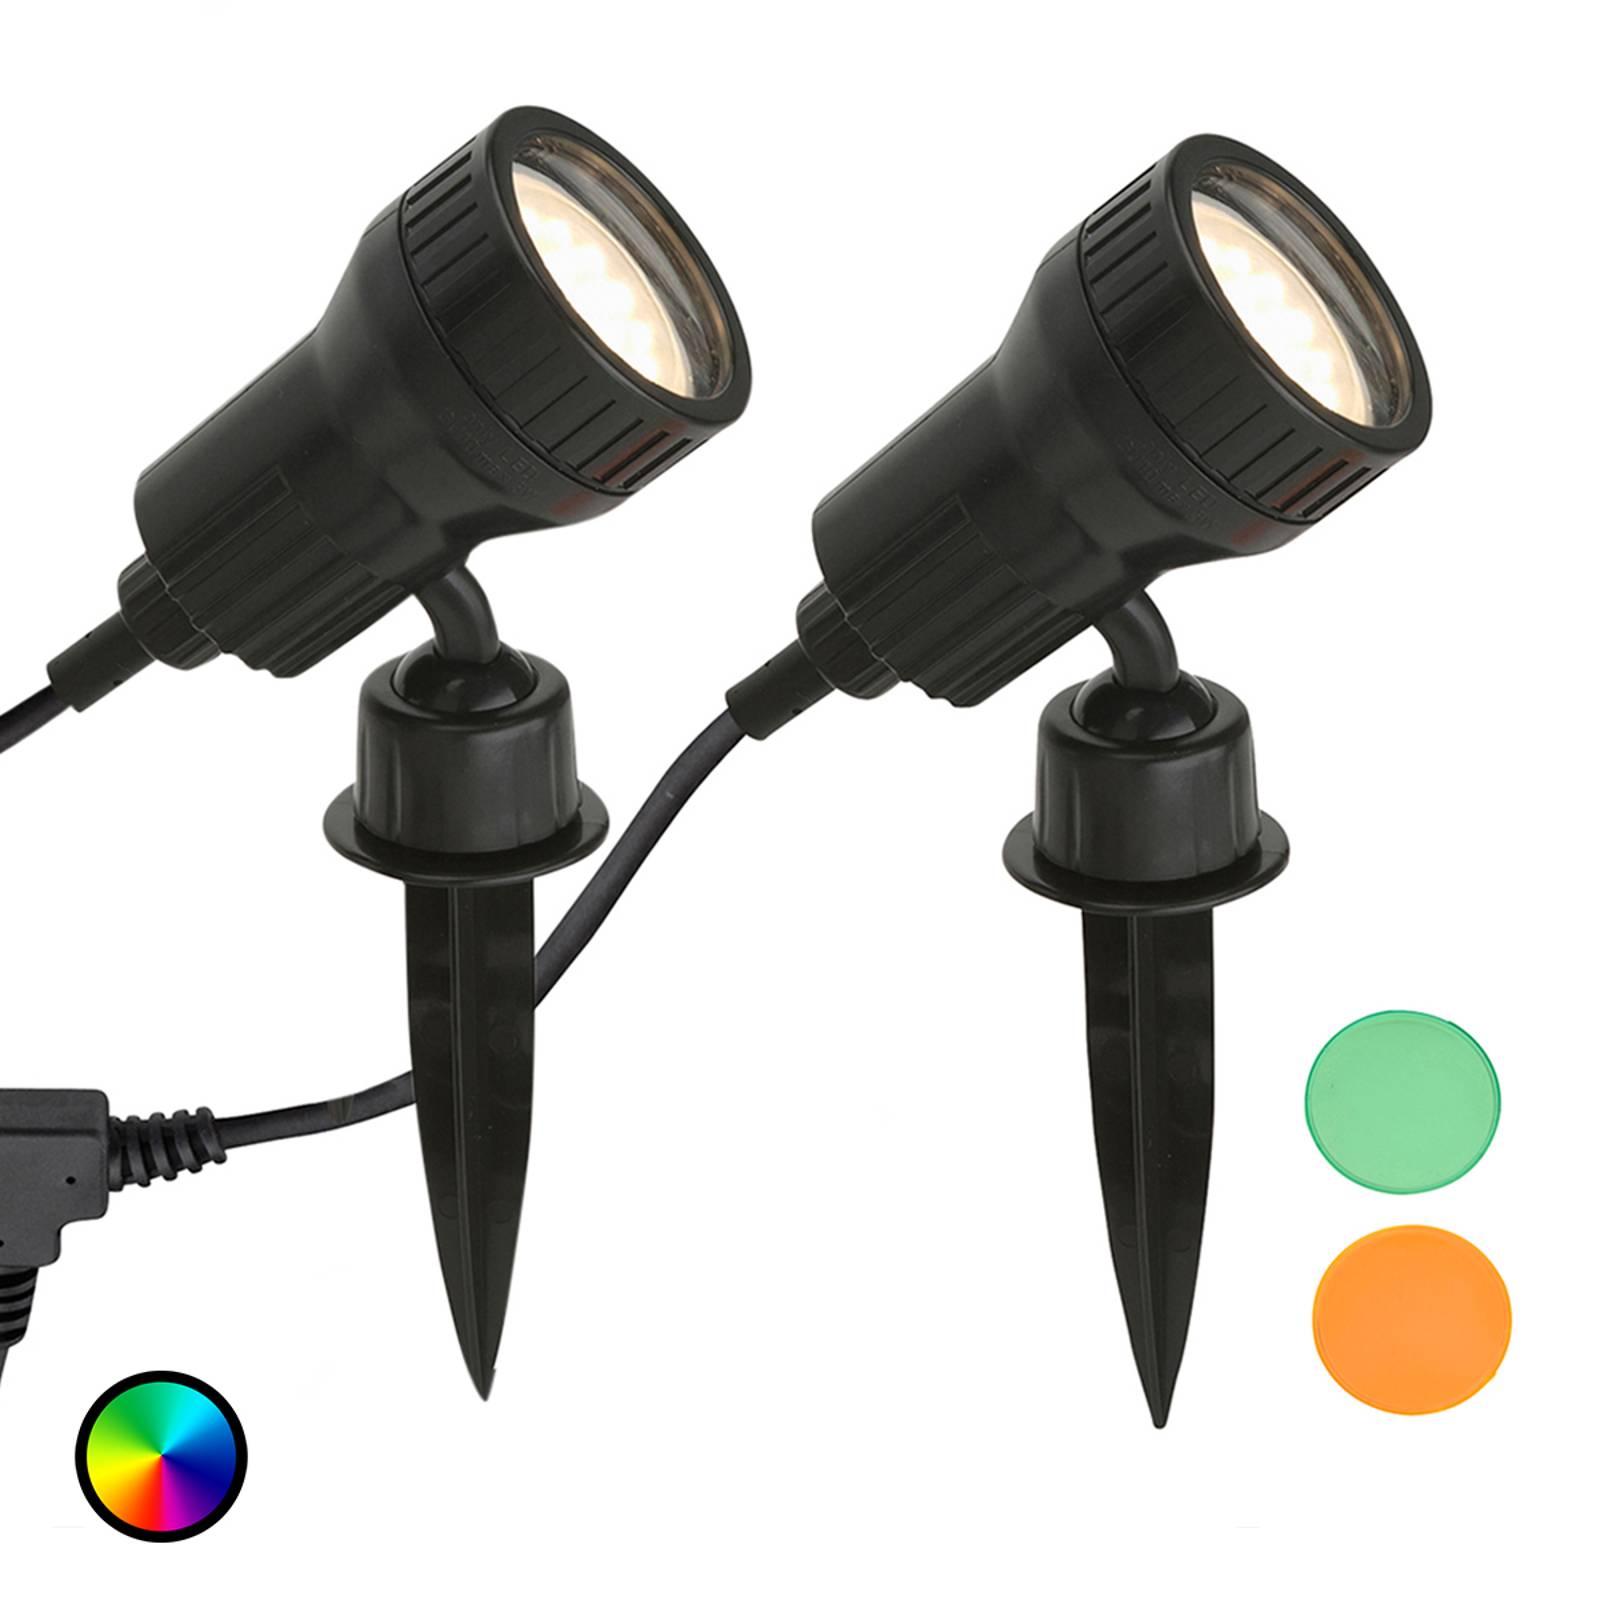 Lampada LED a picchetto Terra con filtri, set da 2